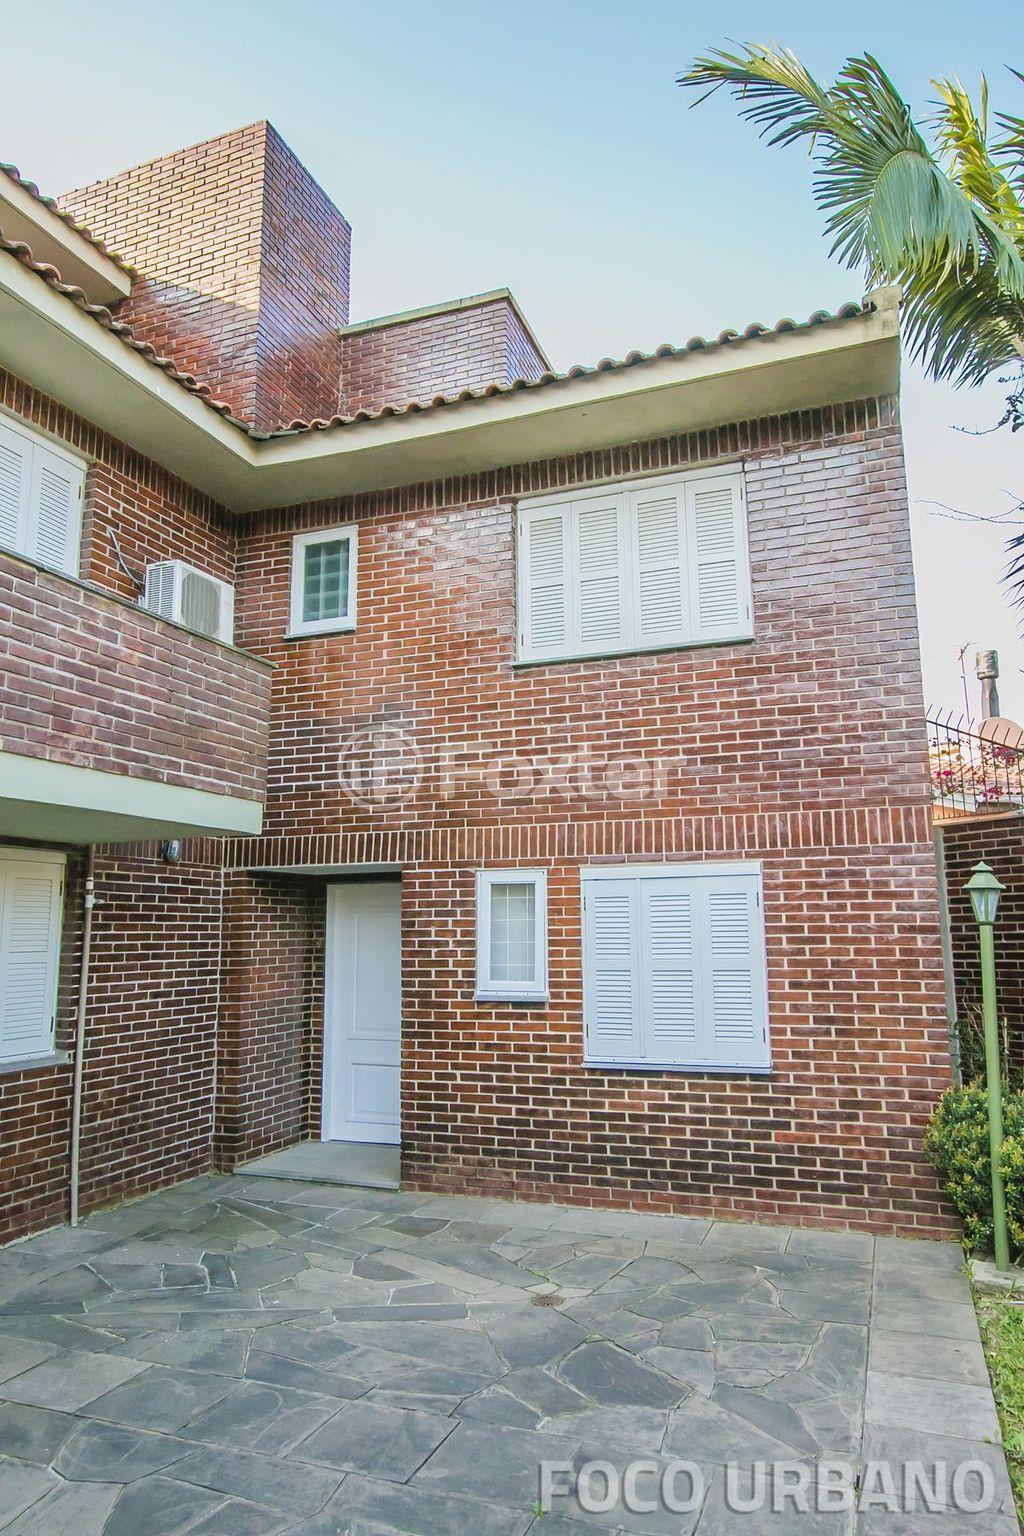 Casa 3 Dorm, Três Figueiras, Porto Alegre (144790) - Foto 2